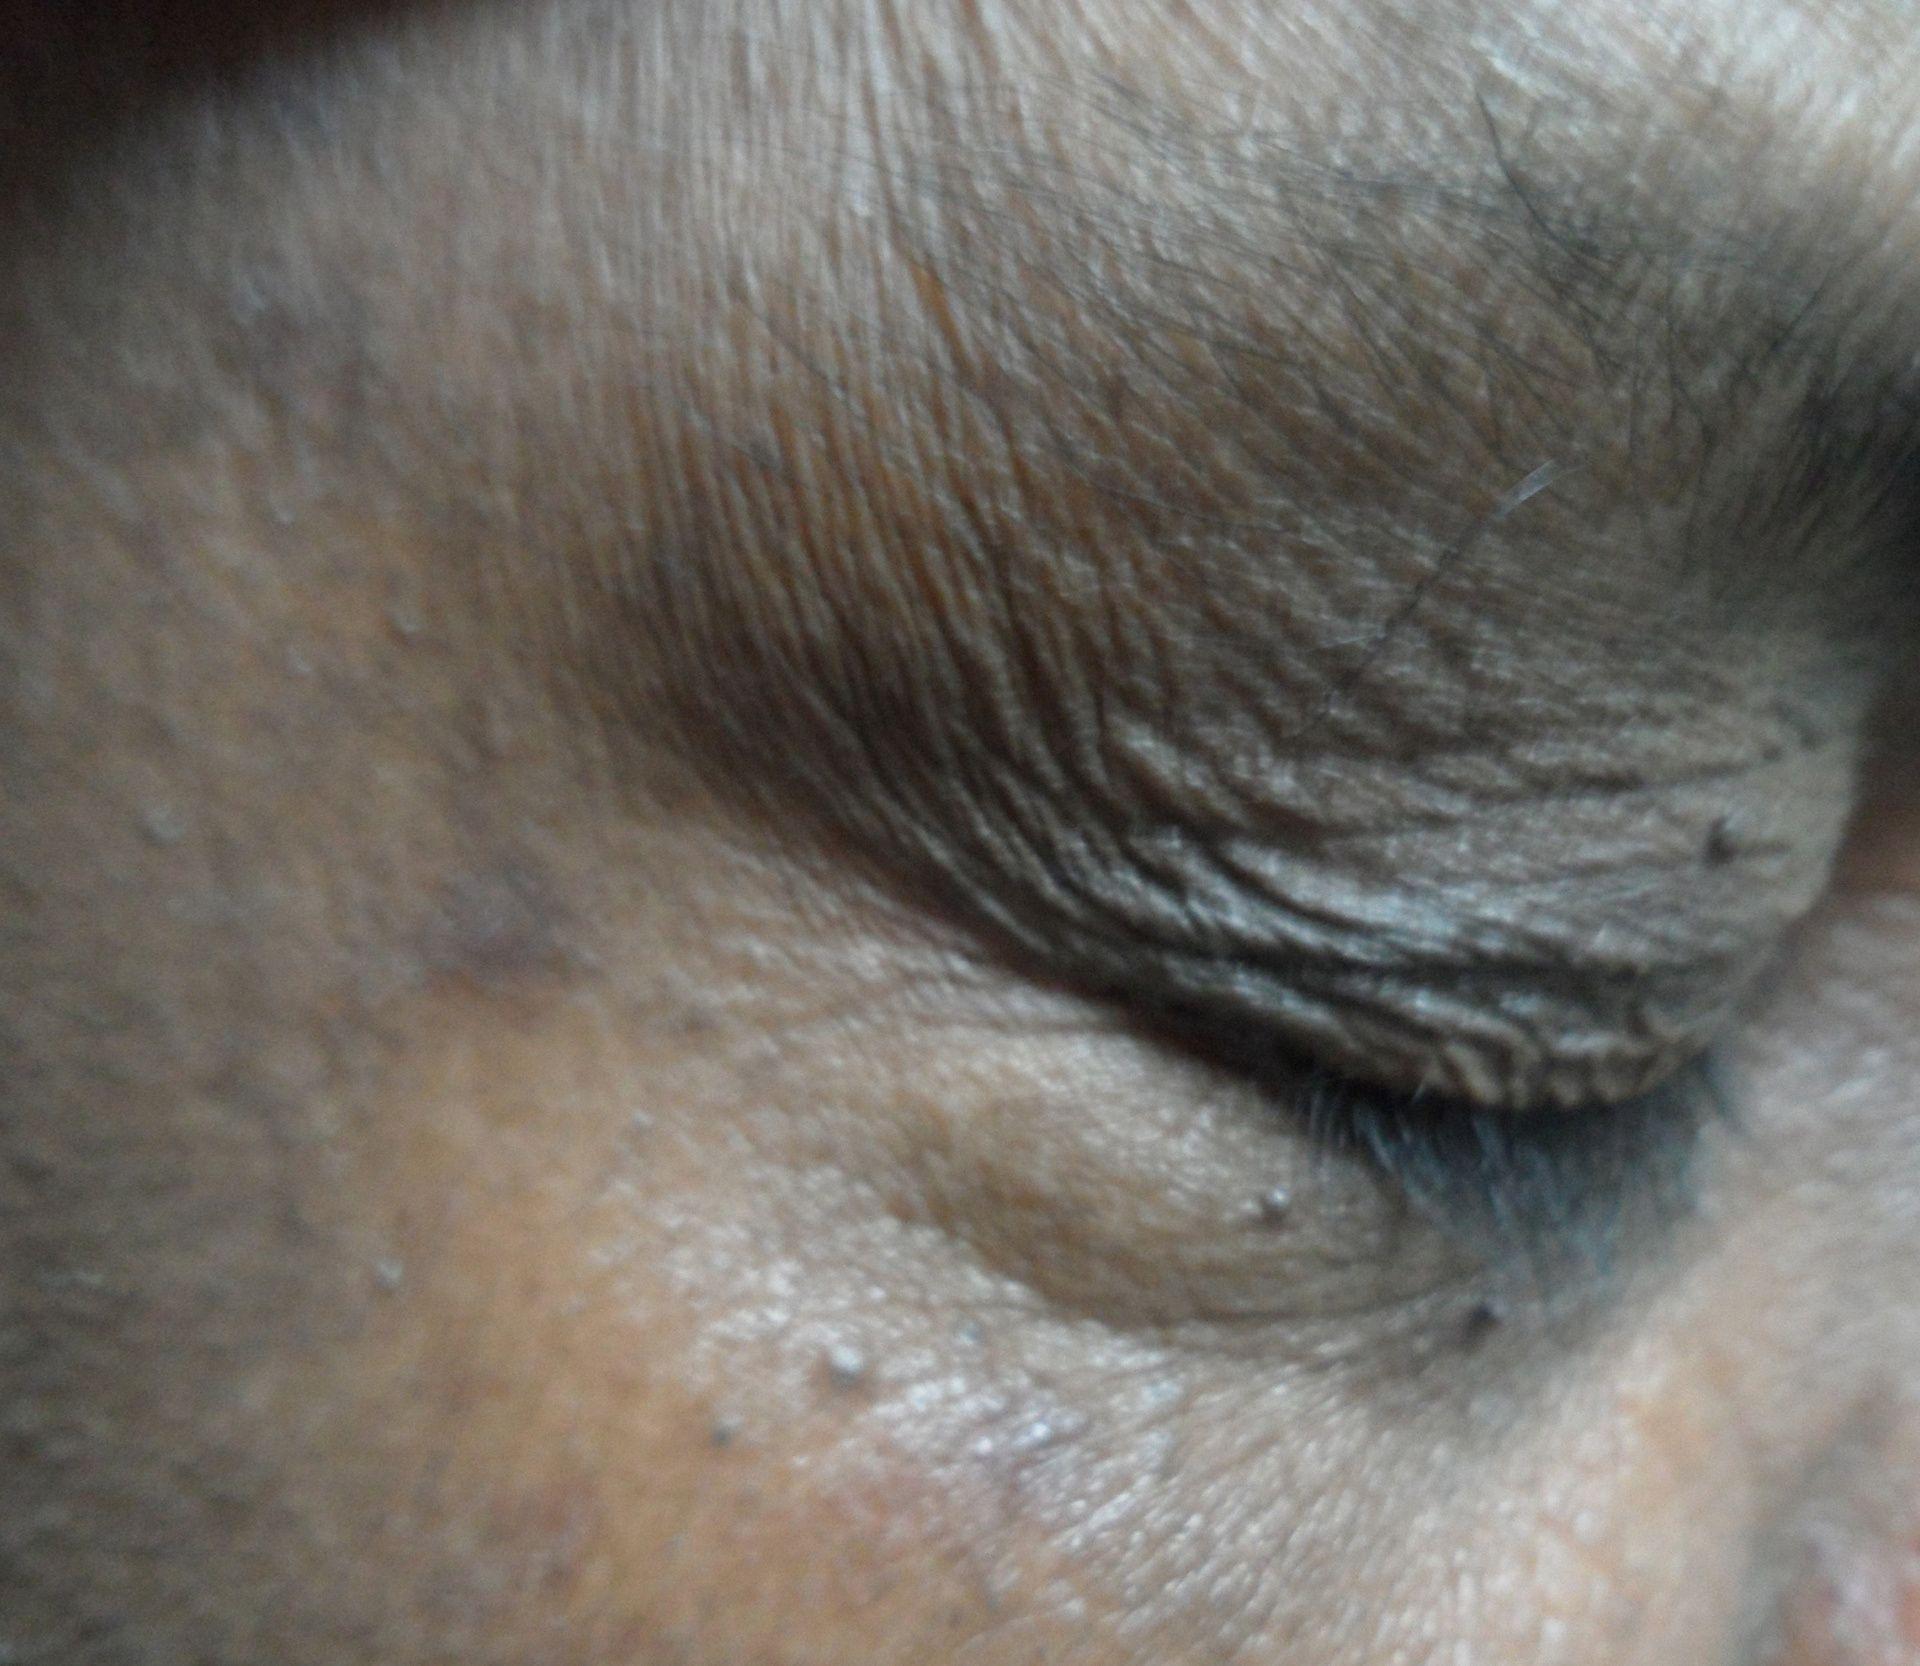 Eyelid Shut